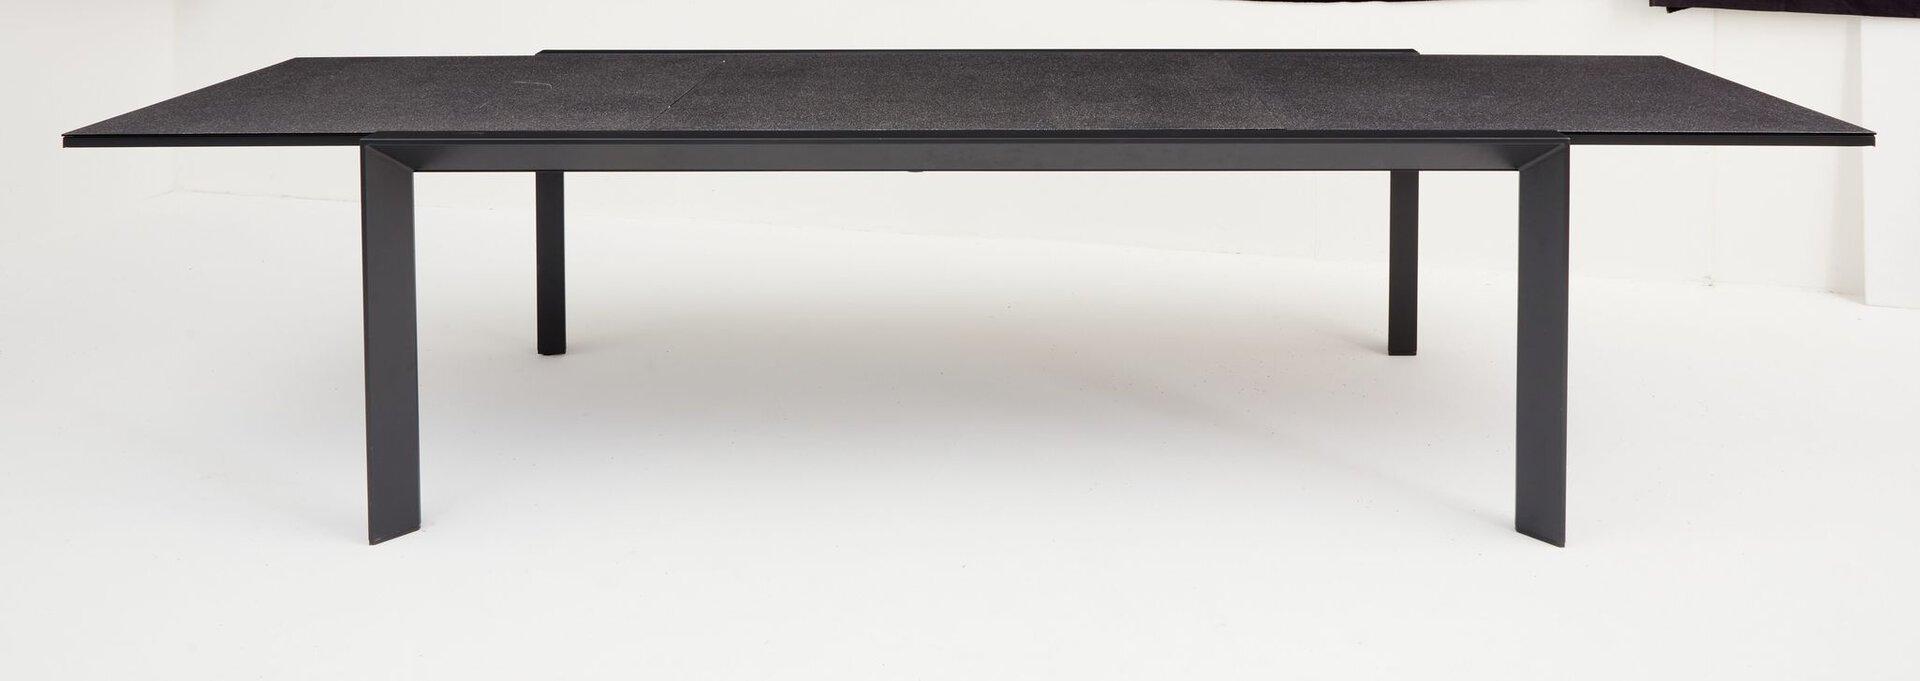 Ausziehtisch LIVORNO Outdoor Metall 107 x 75 x 220 cm